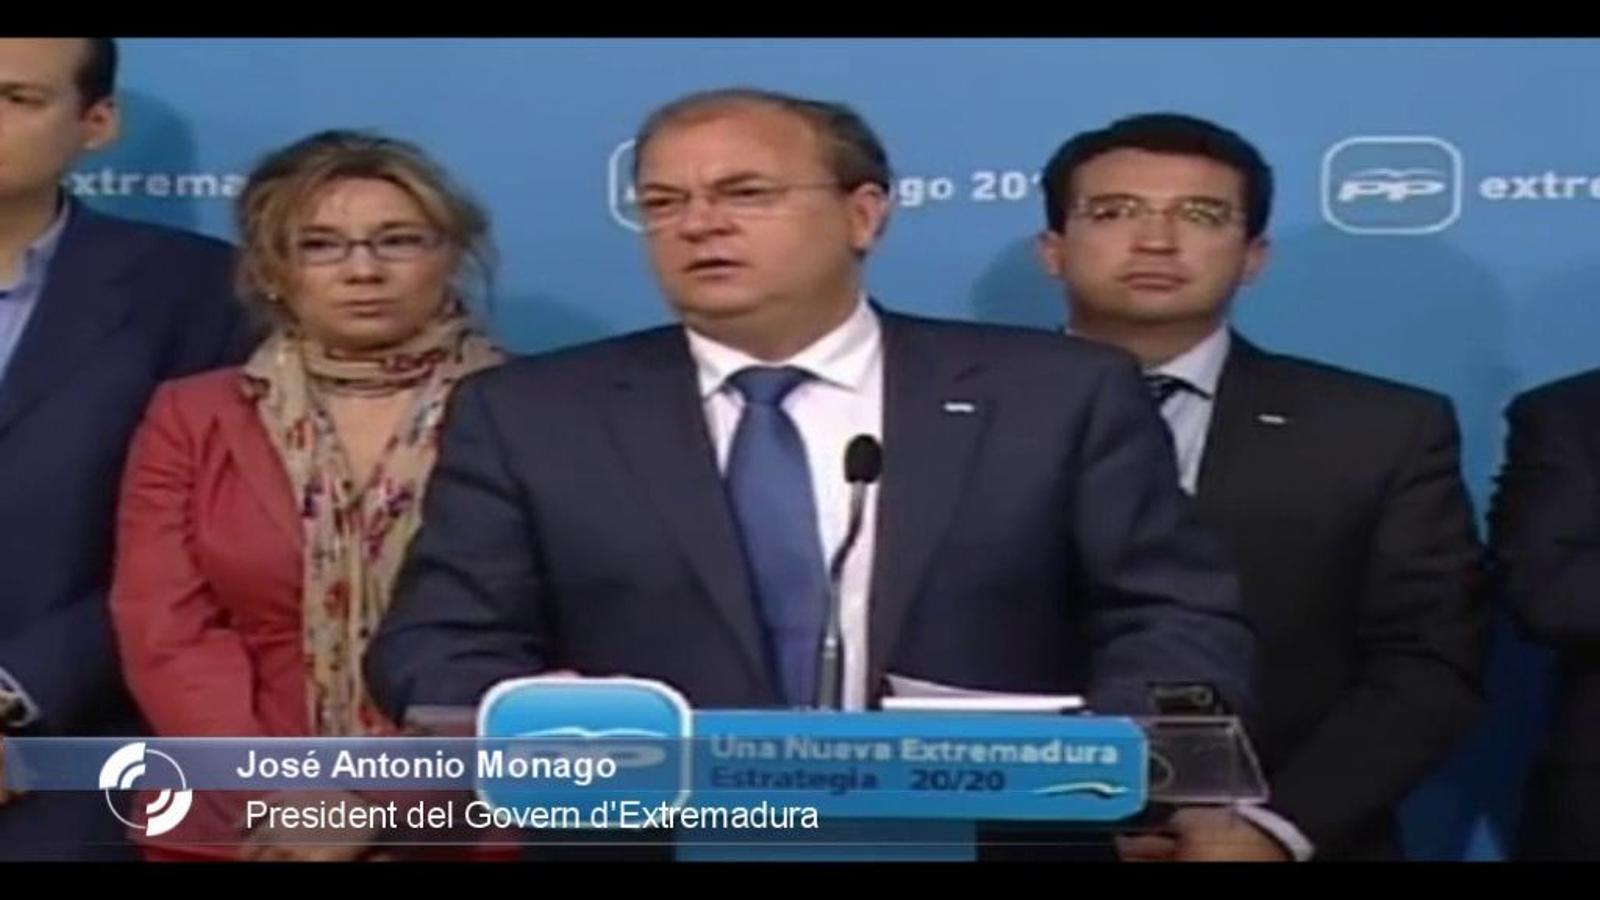 El president d'Extremadura repta Trias en català: Si tens collons, vine i m'ho dius a la cara